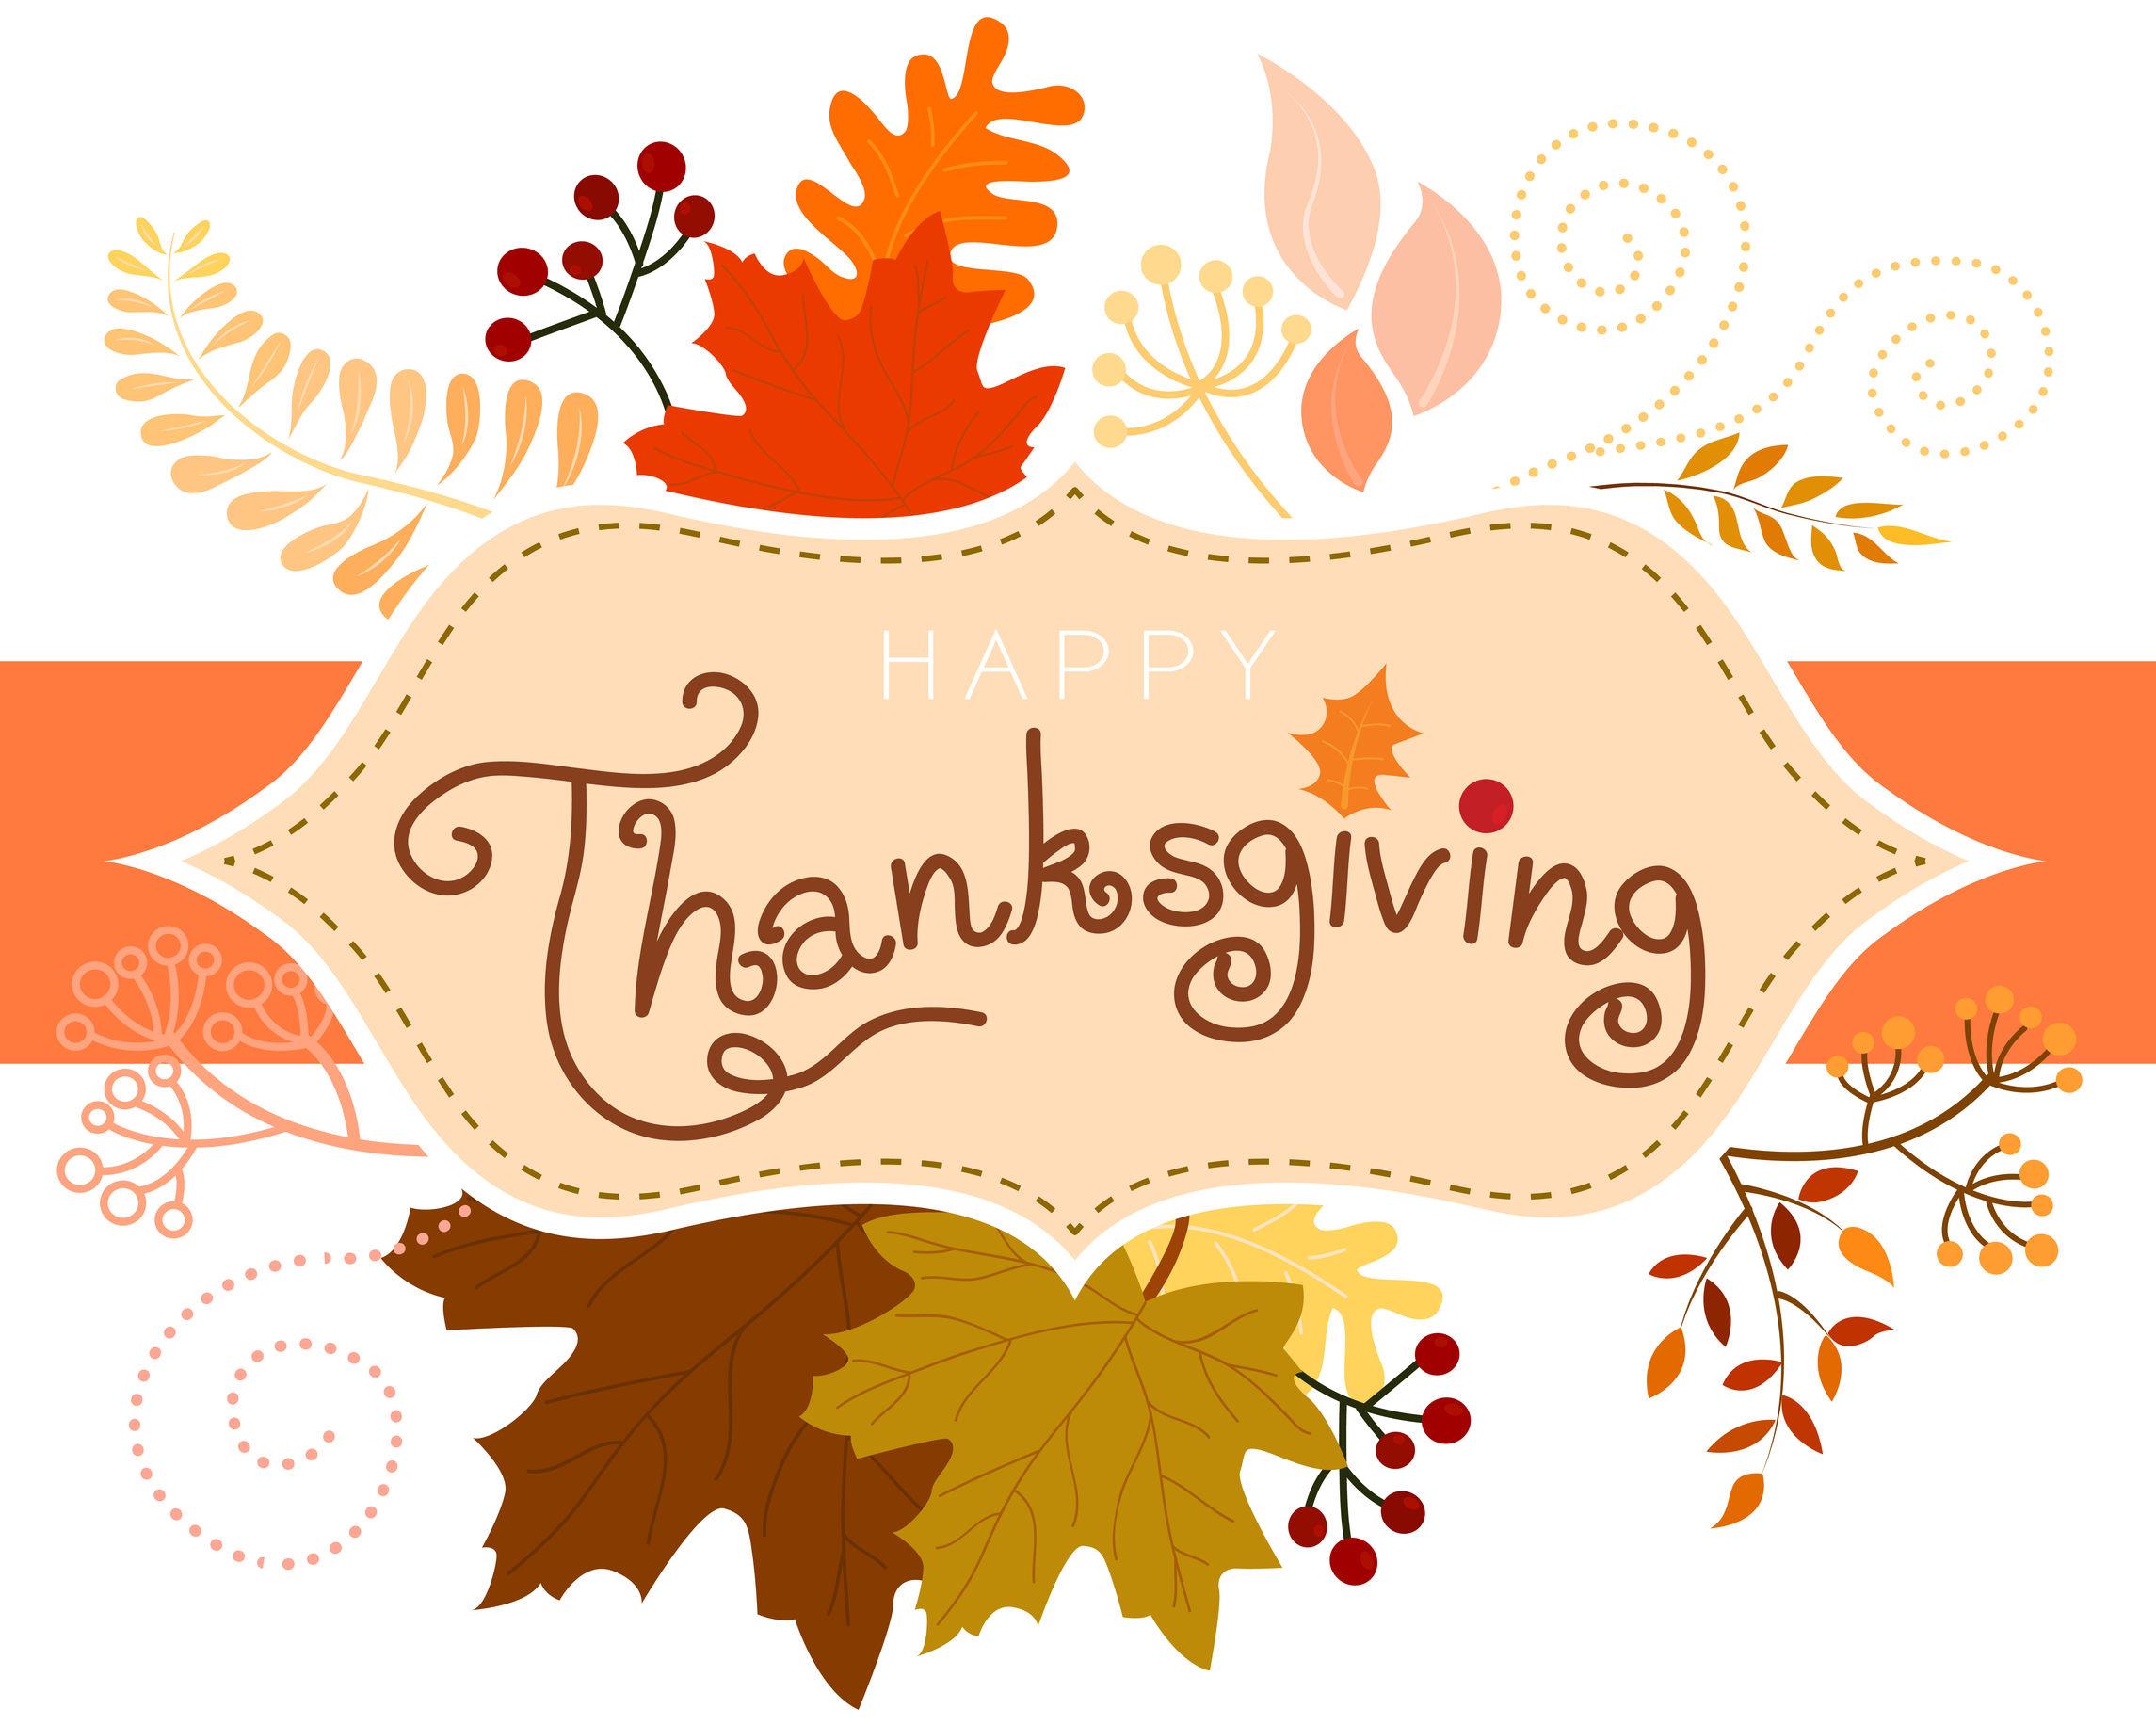 Feliz Dia De Accion De Gracias >> Happy Thanksgiving! - Places To Go